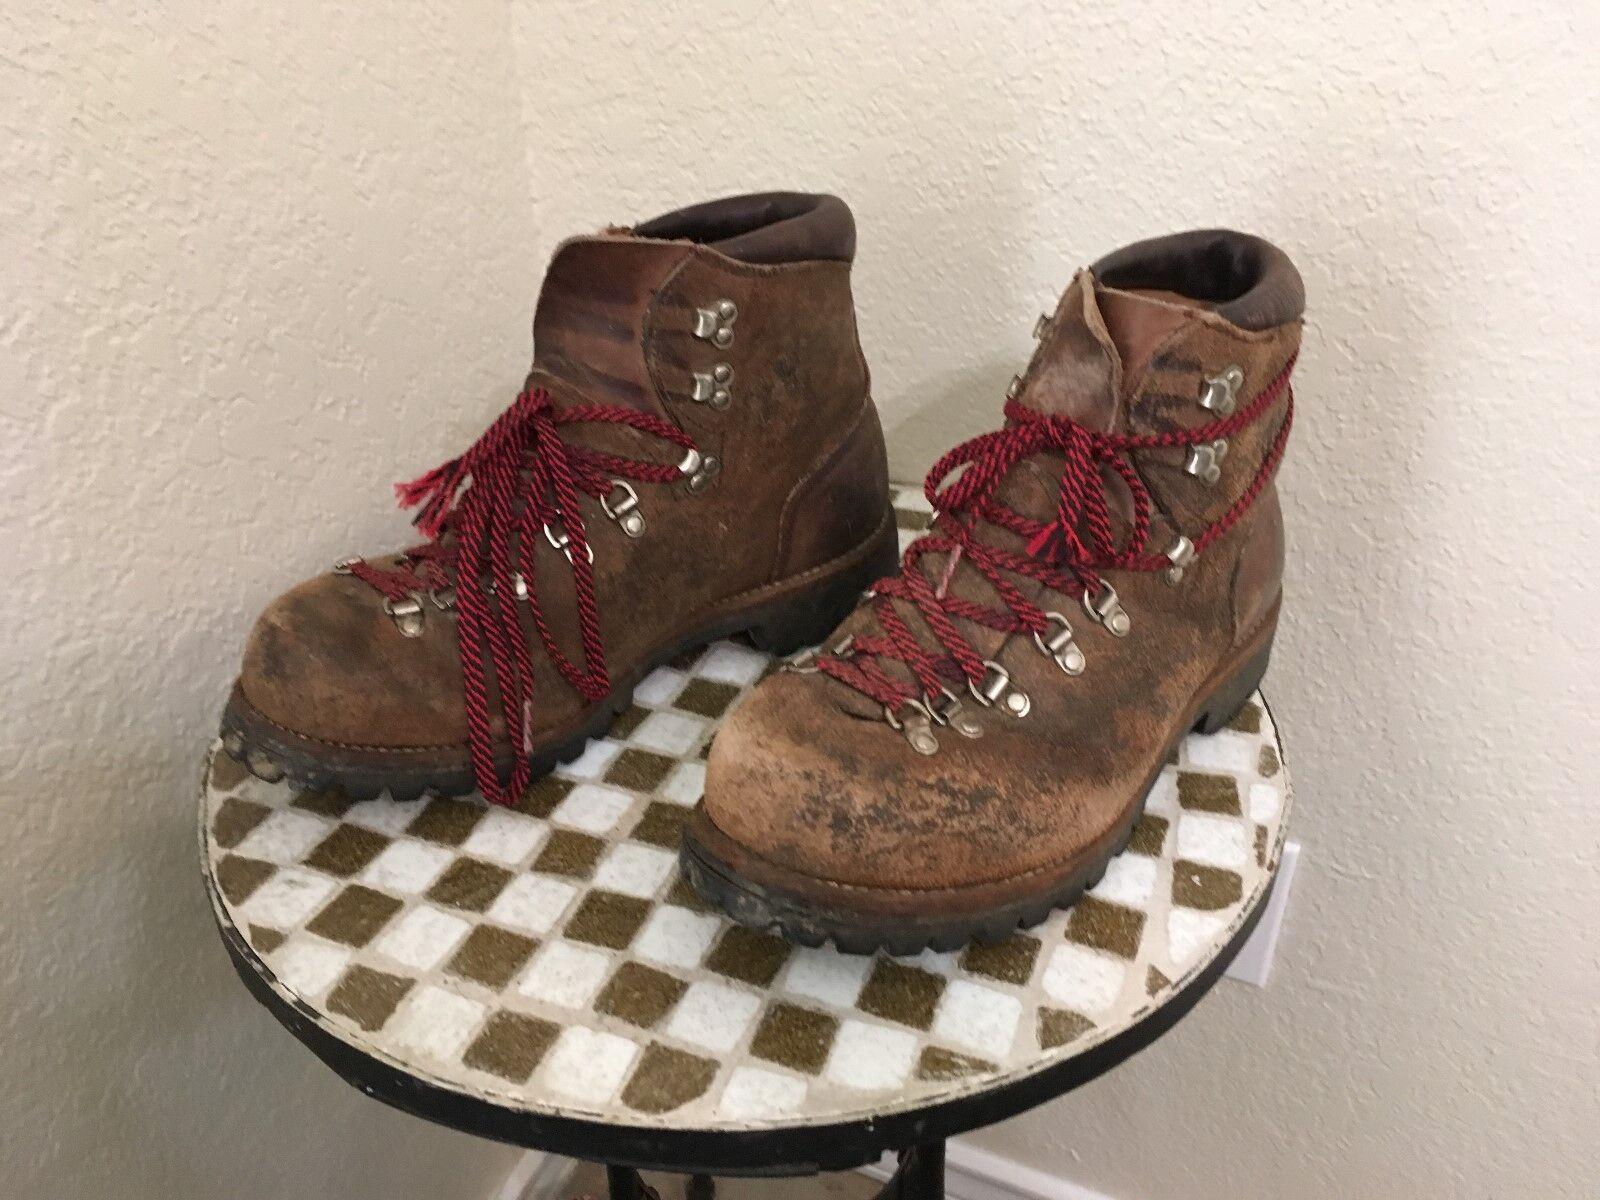 EE. UU. Vintage Vasque Marrón Cuero alpinista excursionista Trail botas 10.5 M